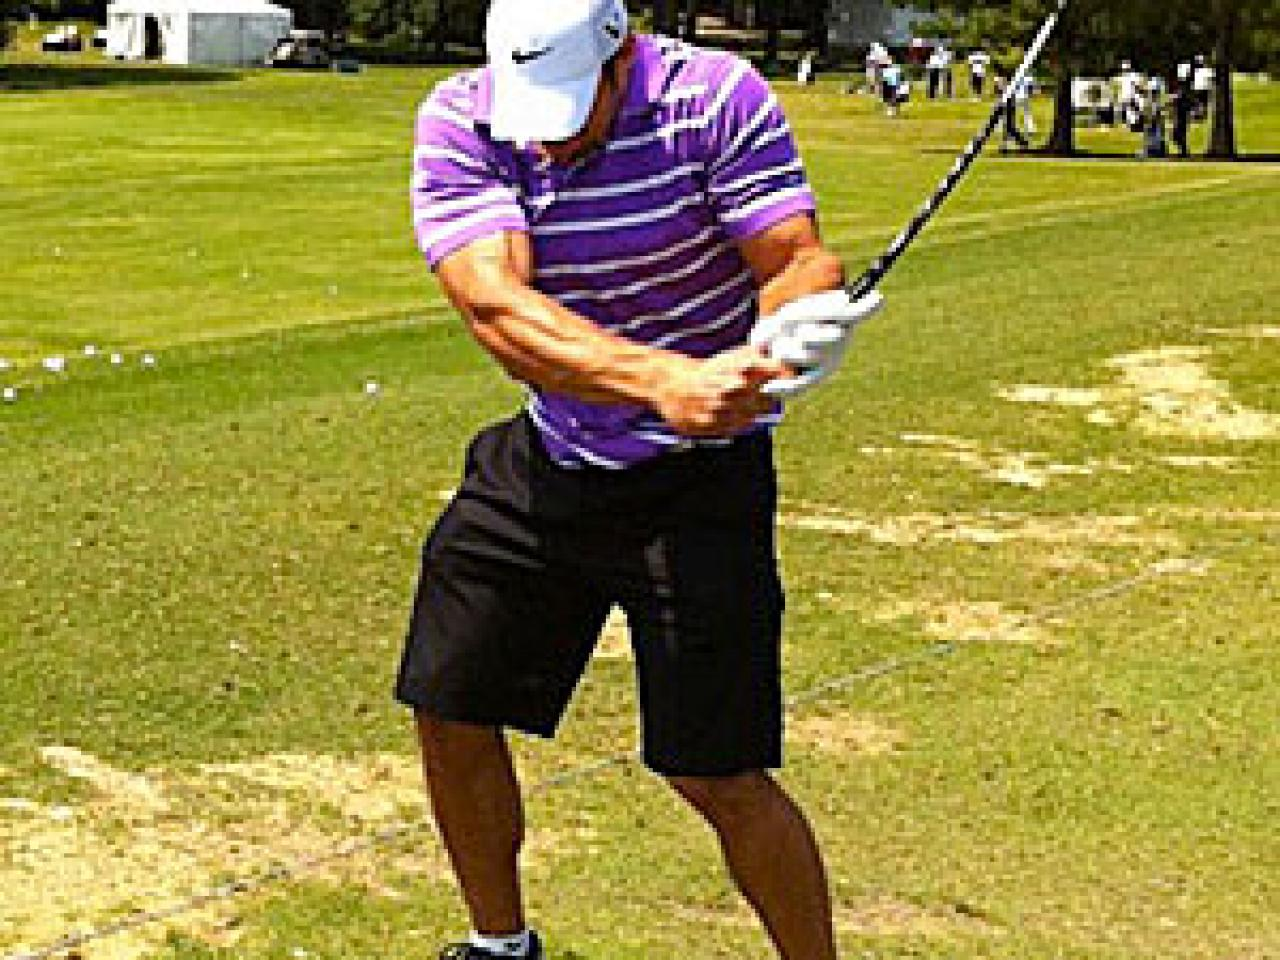 Golf club flex swing speed